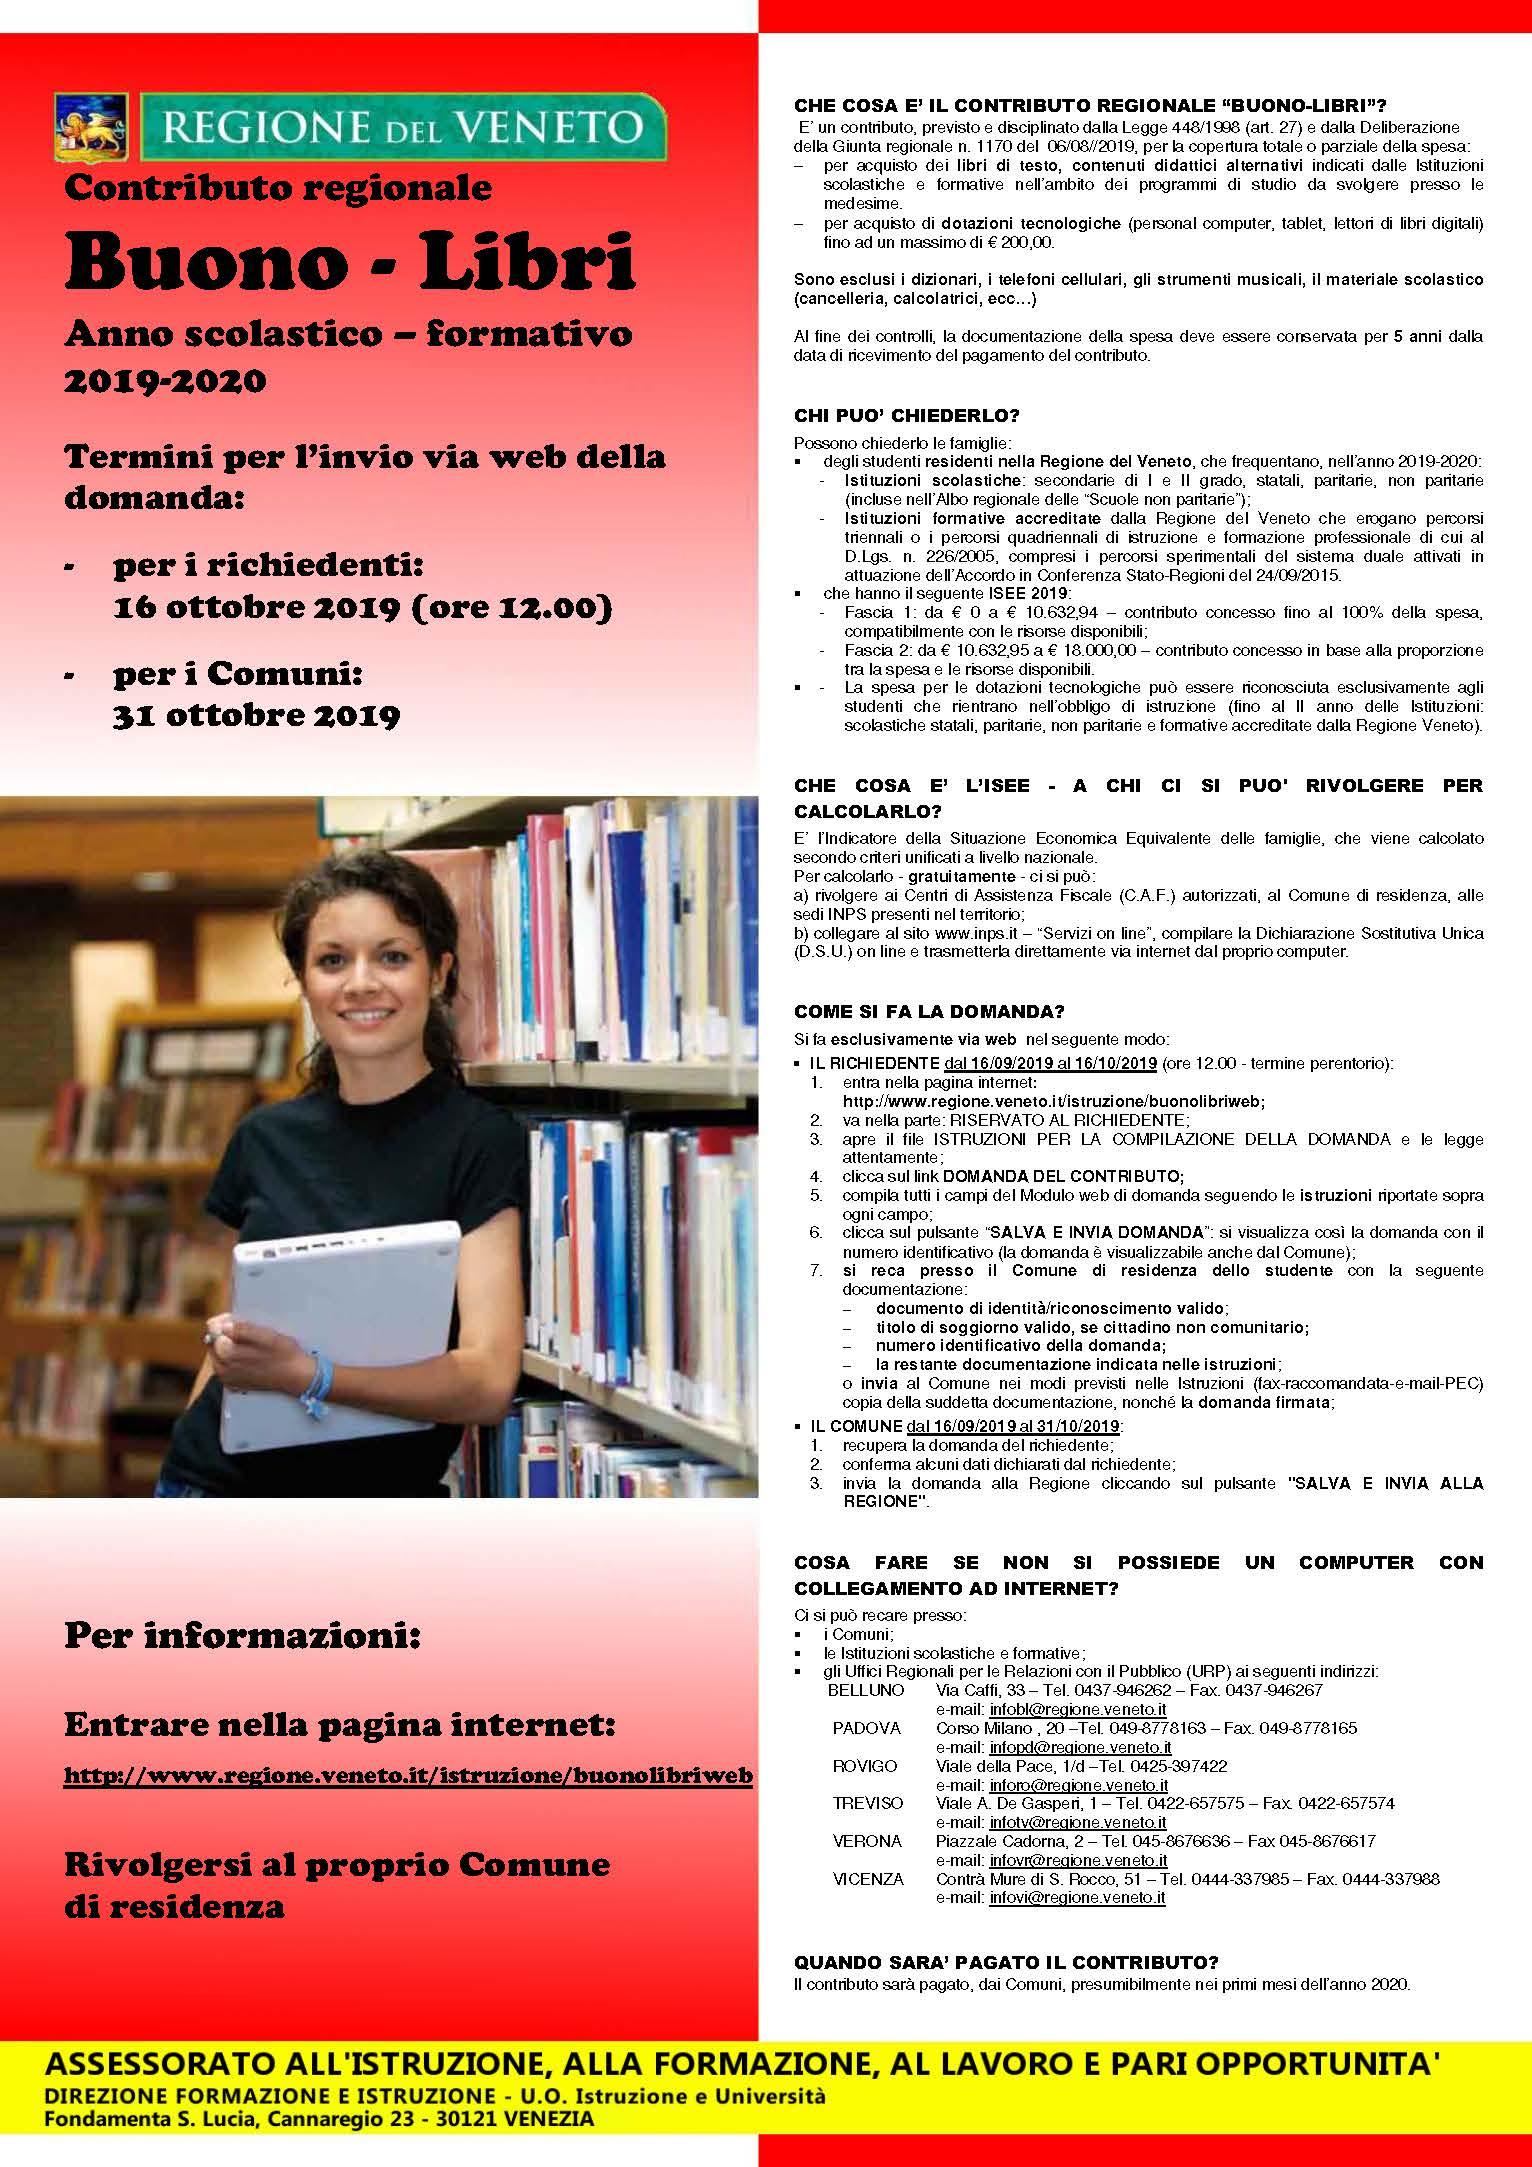 CONTRIBUTO REGIONALE BUONO LIBRI A.S. 2019/2020